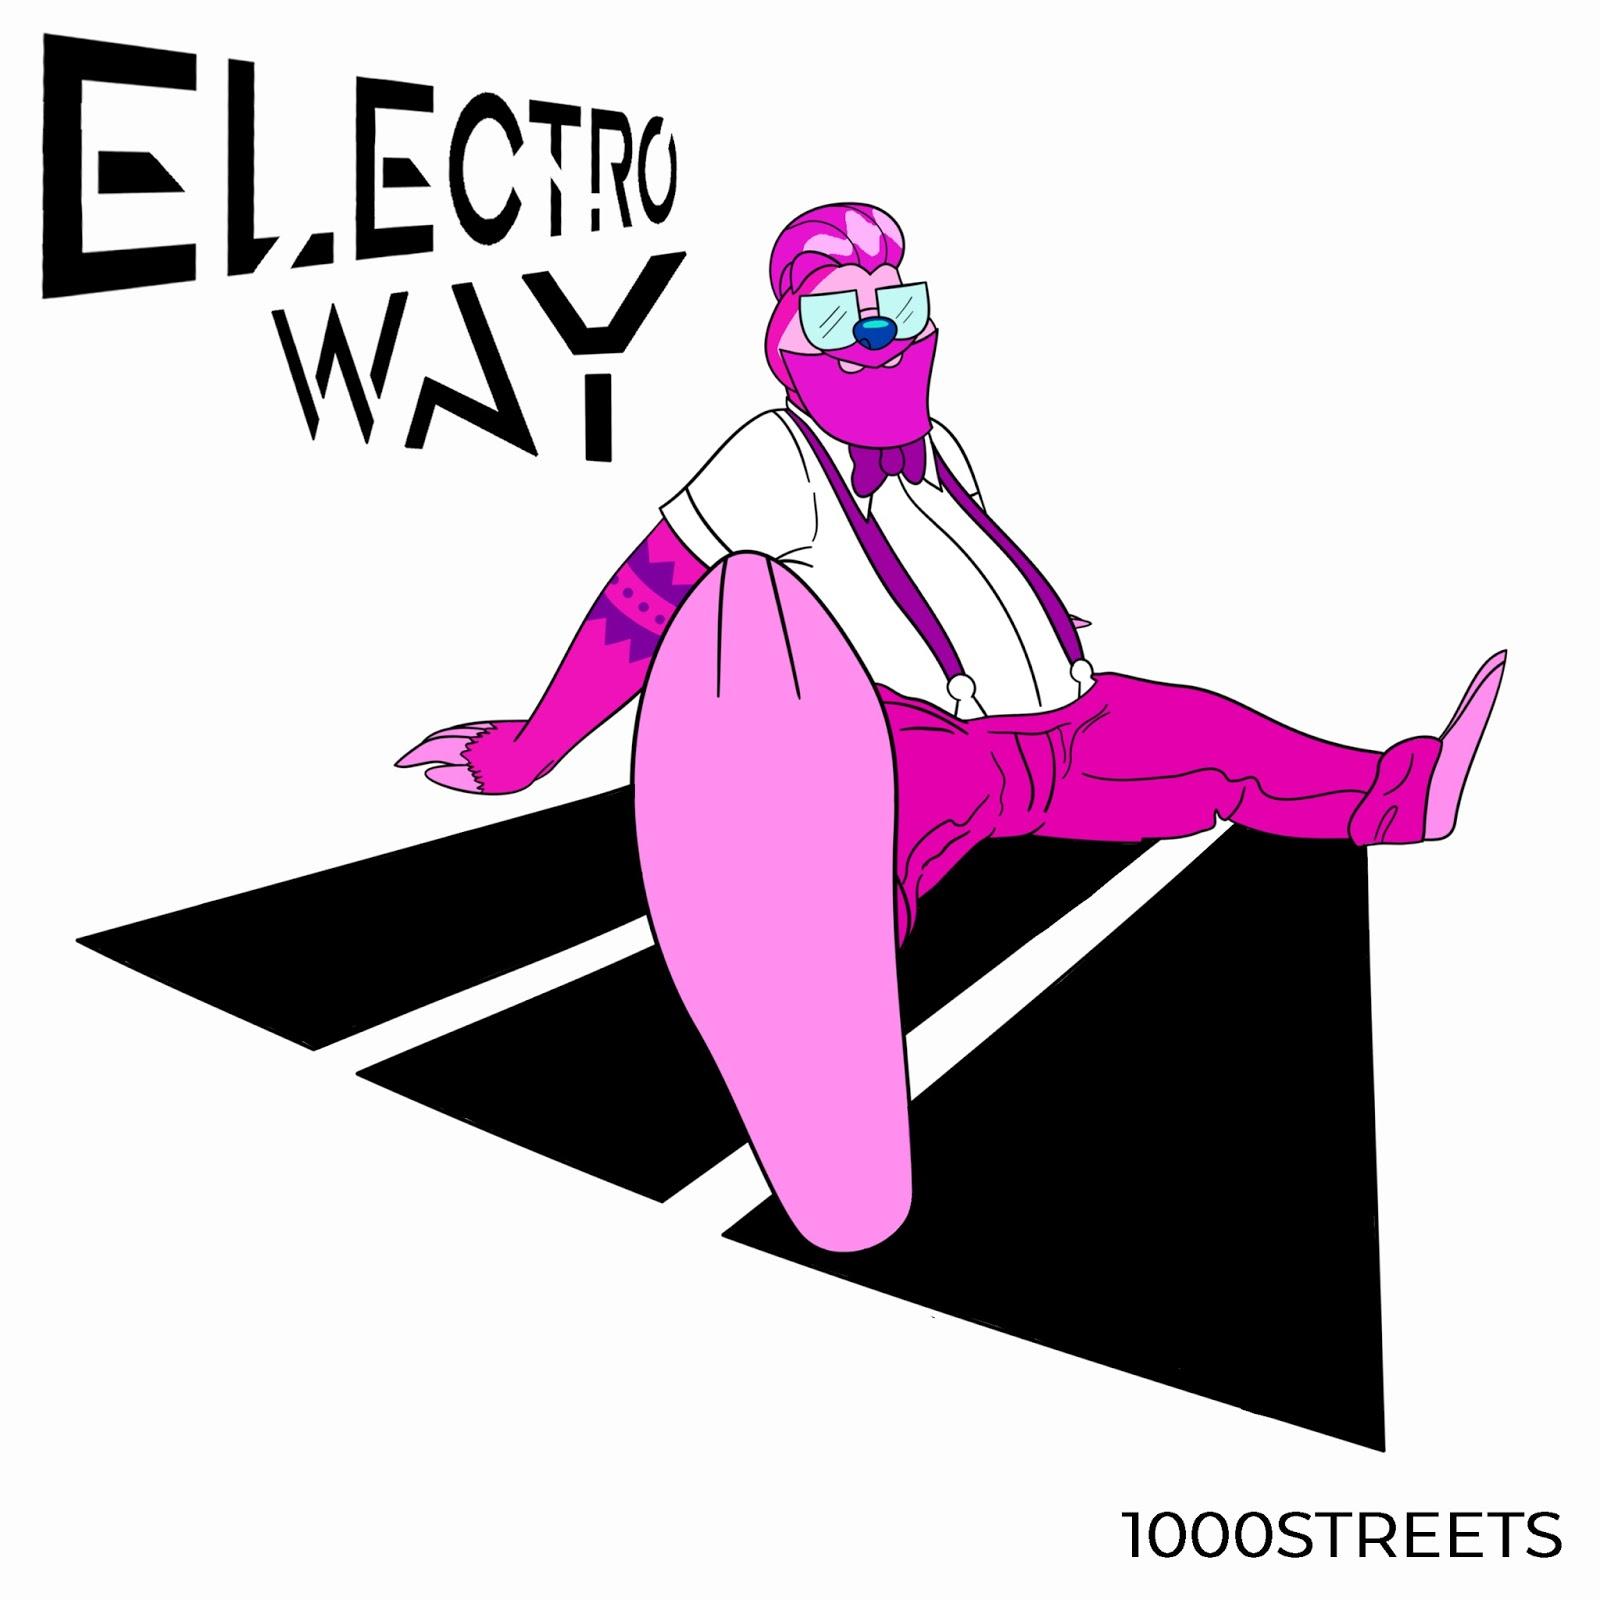 """1000STREETS, """"Electro Way"""" è il primo album dal sound electroswing e Lo-fi/chill out di una delle orchestre più apprezzate d'Italia"""